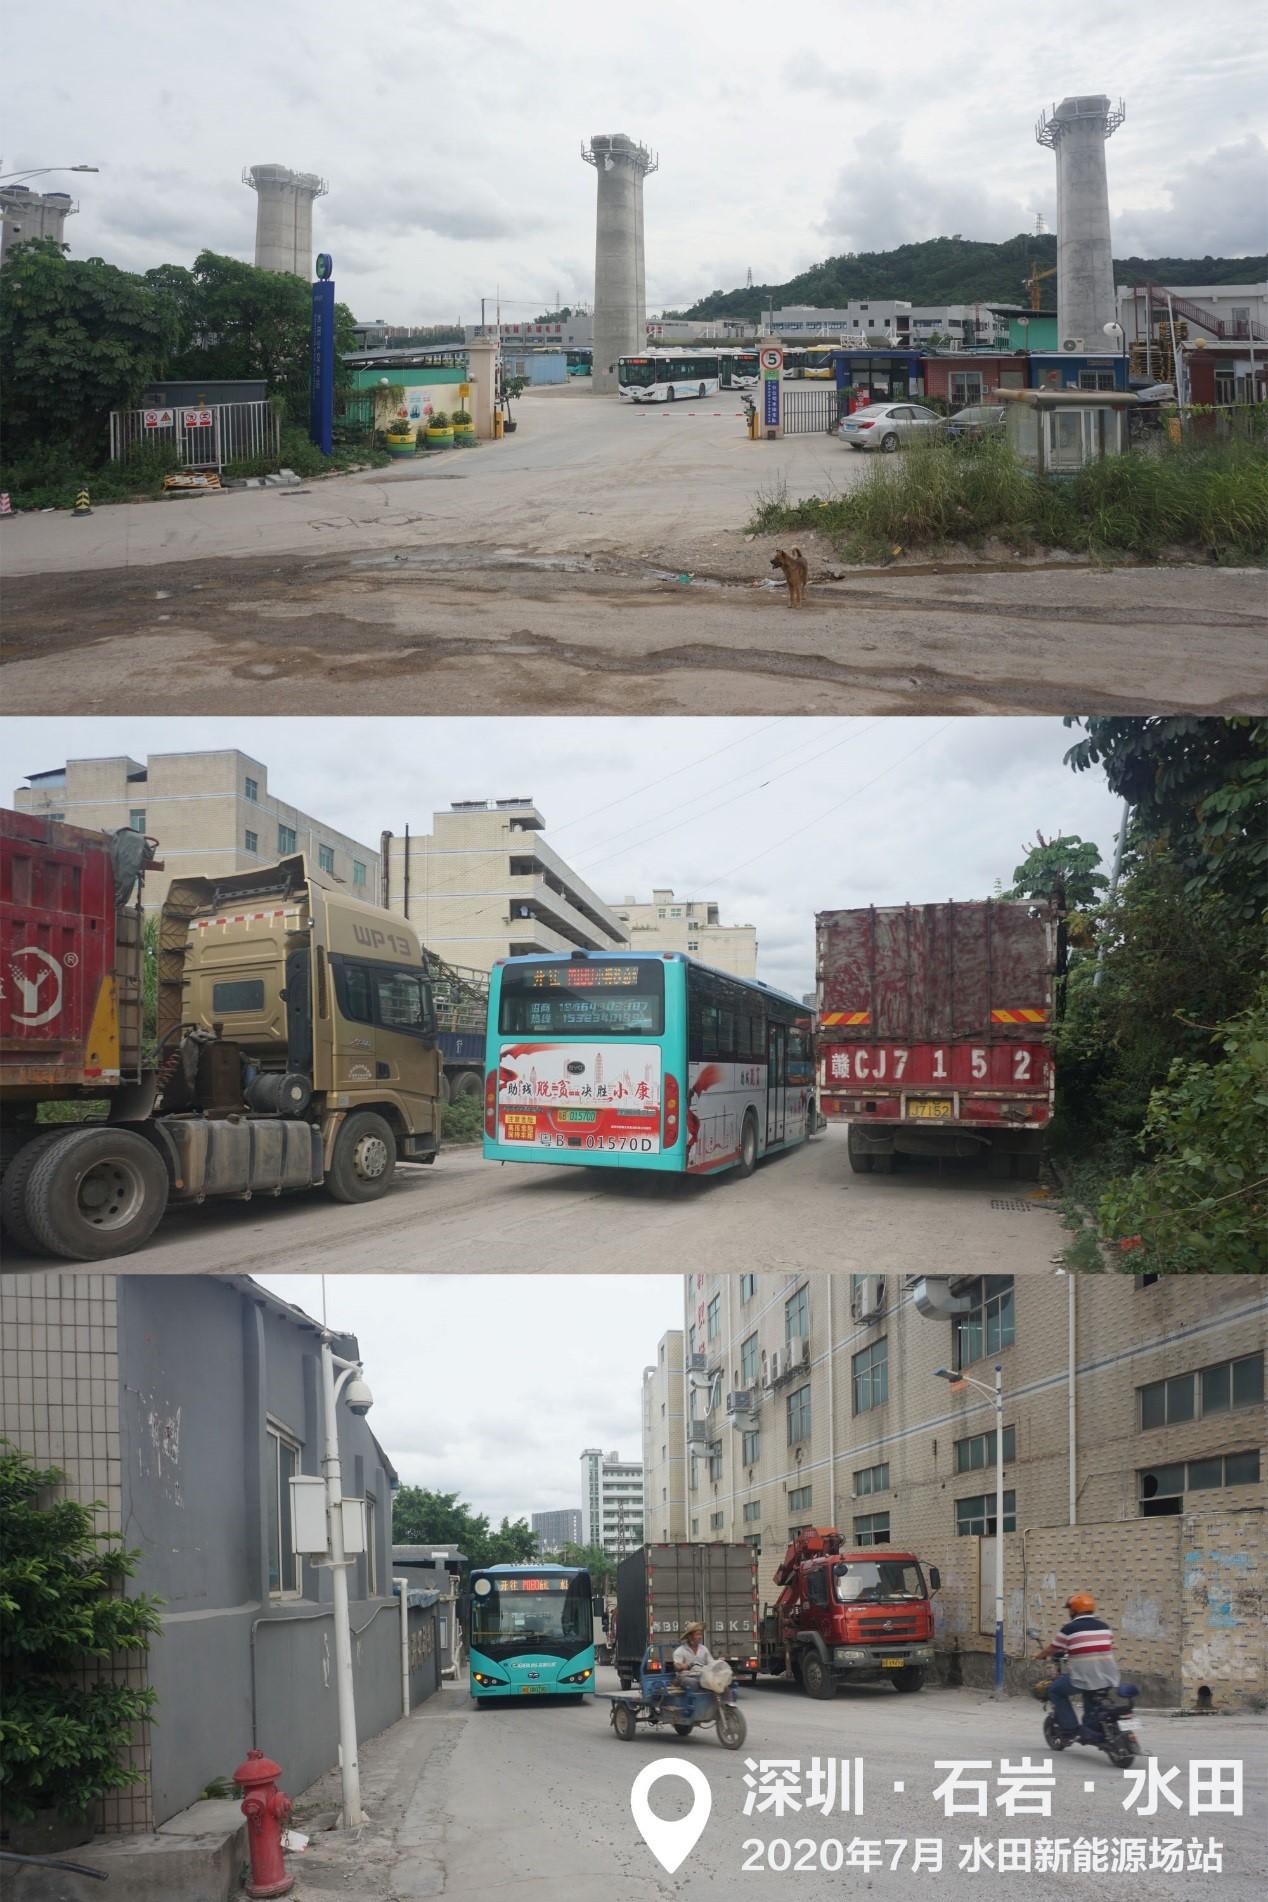 典型的深圳公交场站,位于工业区内部,地面未完全硬化,有护院犬但没有乘客服务设施;该场站部分充电桩建好后三个月,又因高铁建设而拆除,晚间出入场站要格外留心路边停放的大量车辆。但后来这里又增加了两条新线路。